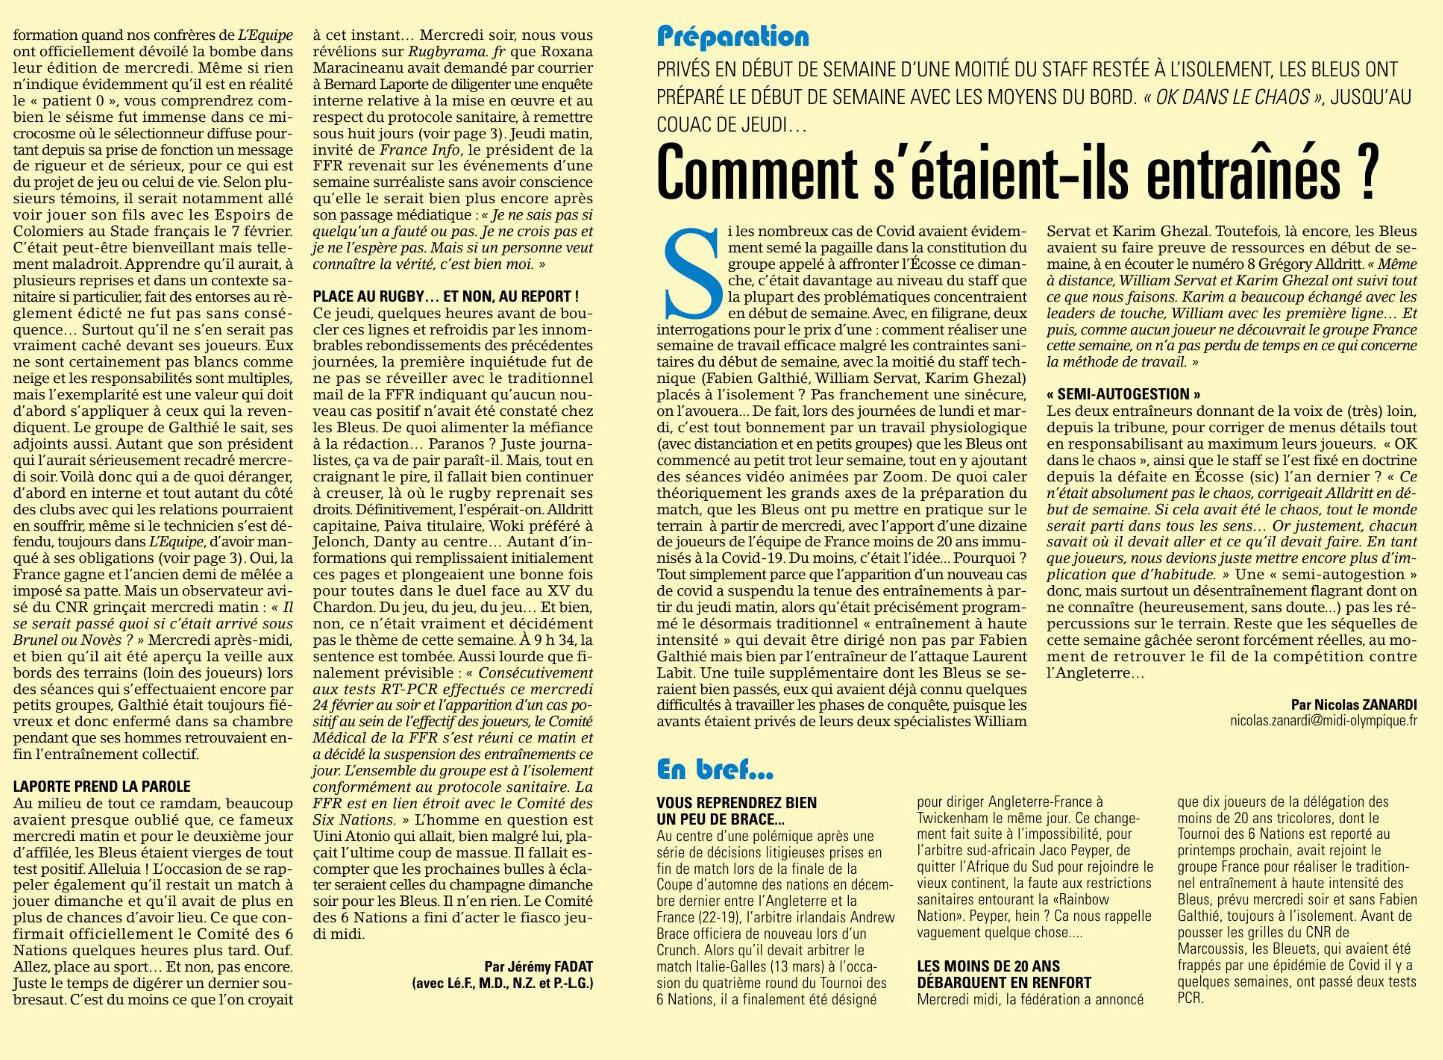 Le XV de France (partie 3) - Page 6 Capt1003